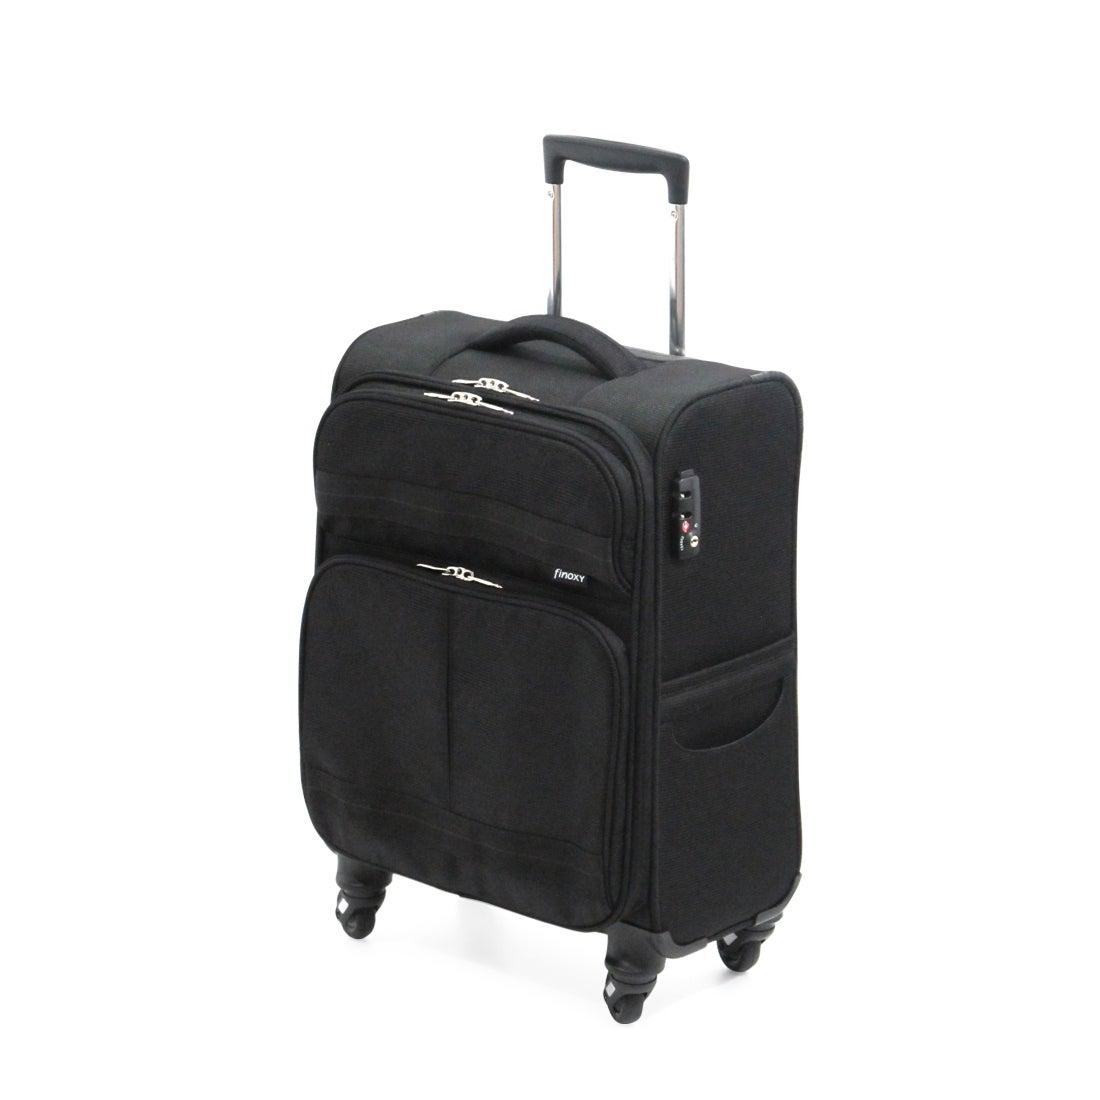 【SAC'S BAR】サンコー SUNCO スーツケース FNXS-46 46cm Finoxy-S ブラック メンズ